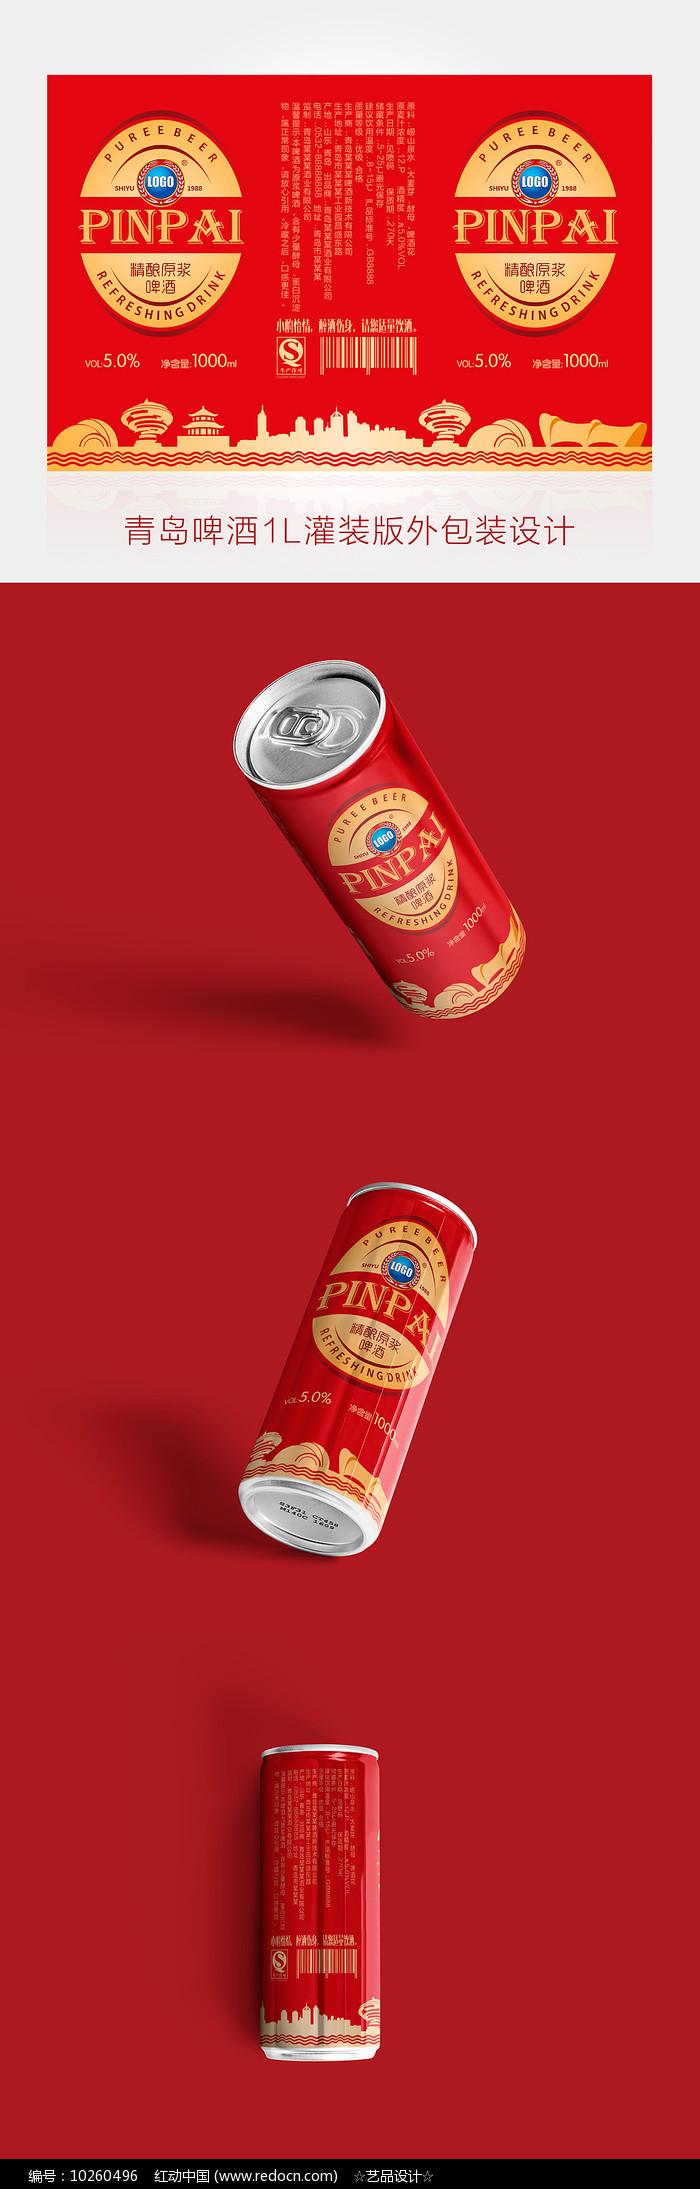 时尚红色青岛啤酒包装图片